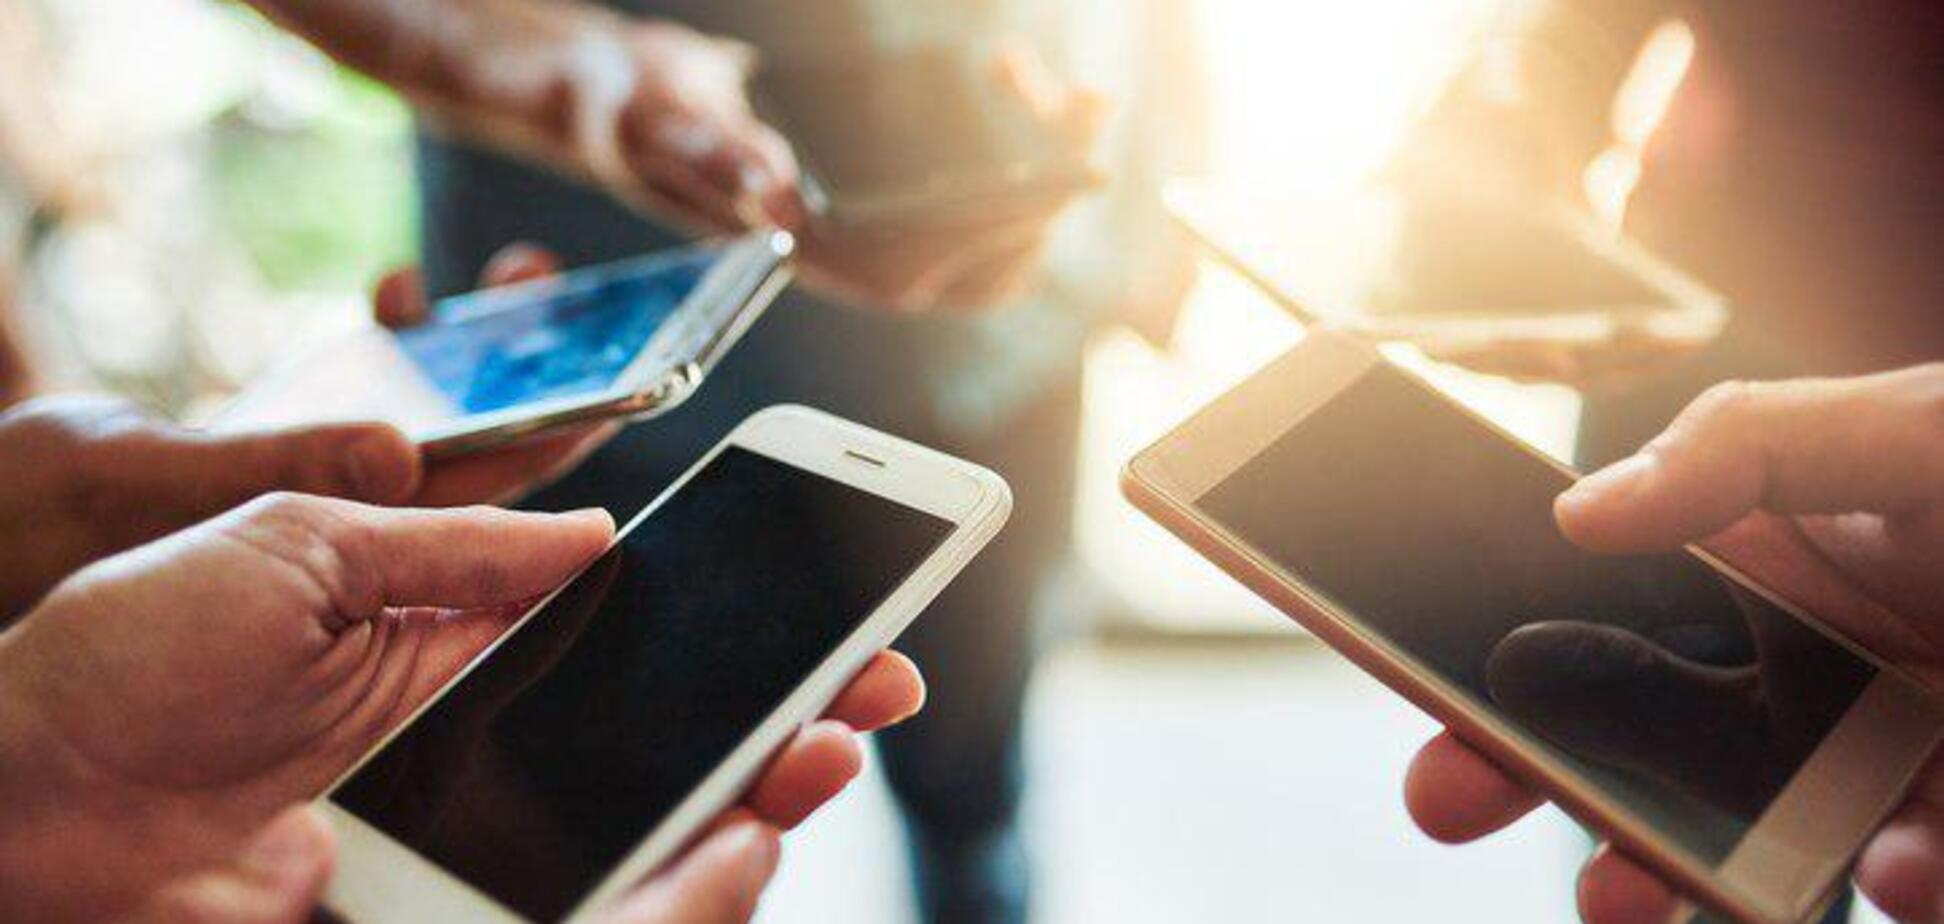 ''Явно схитрили'': мобильные операторы придумали, как обогатиться на украинцах